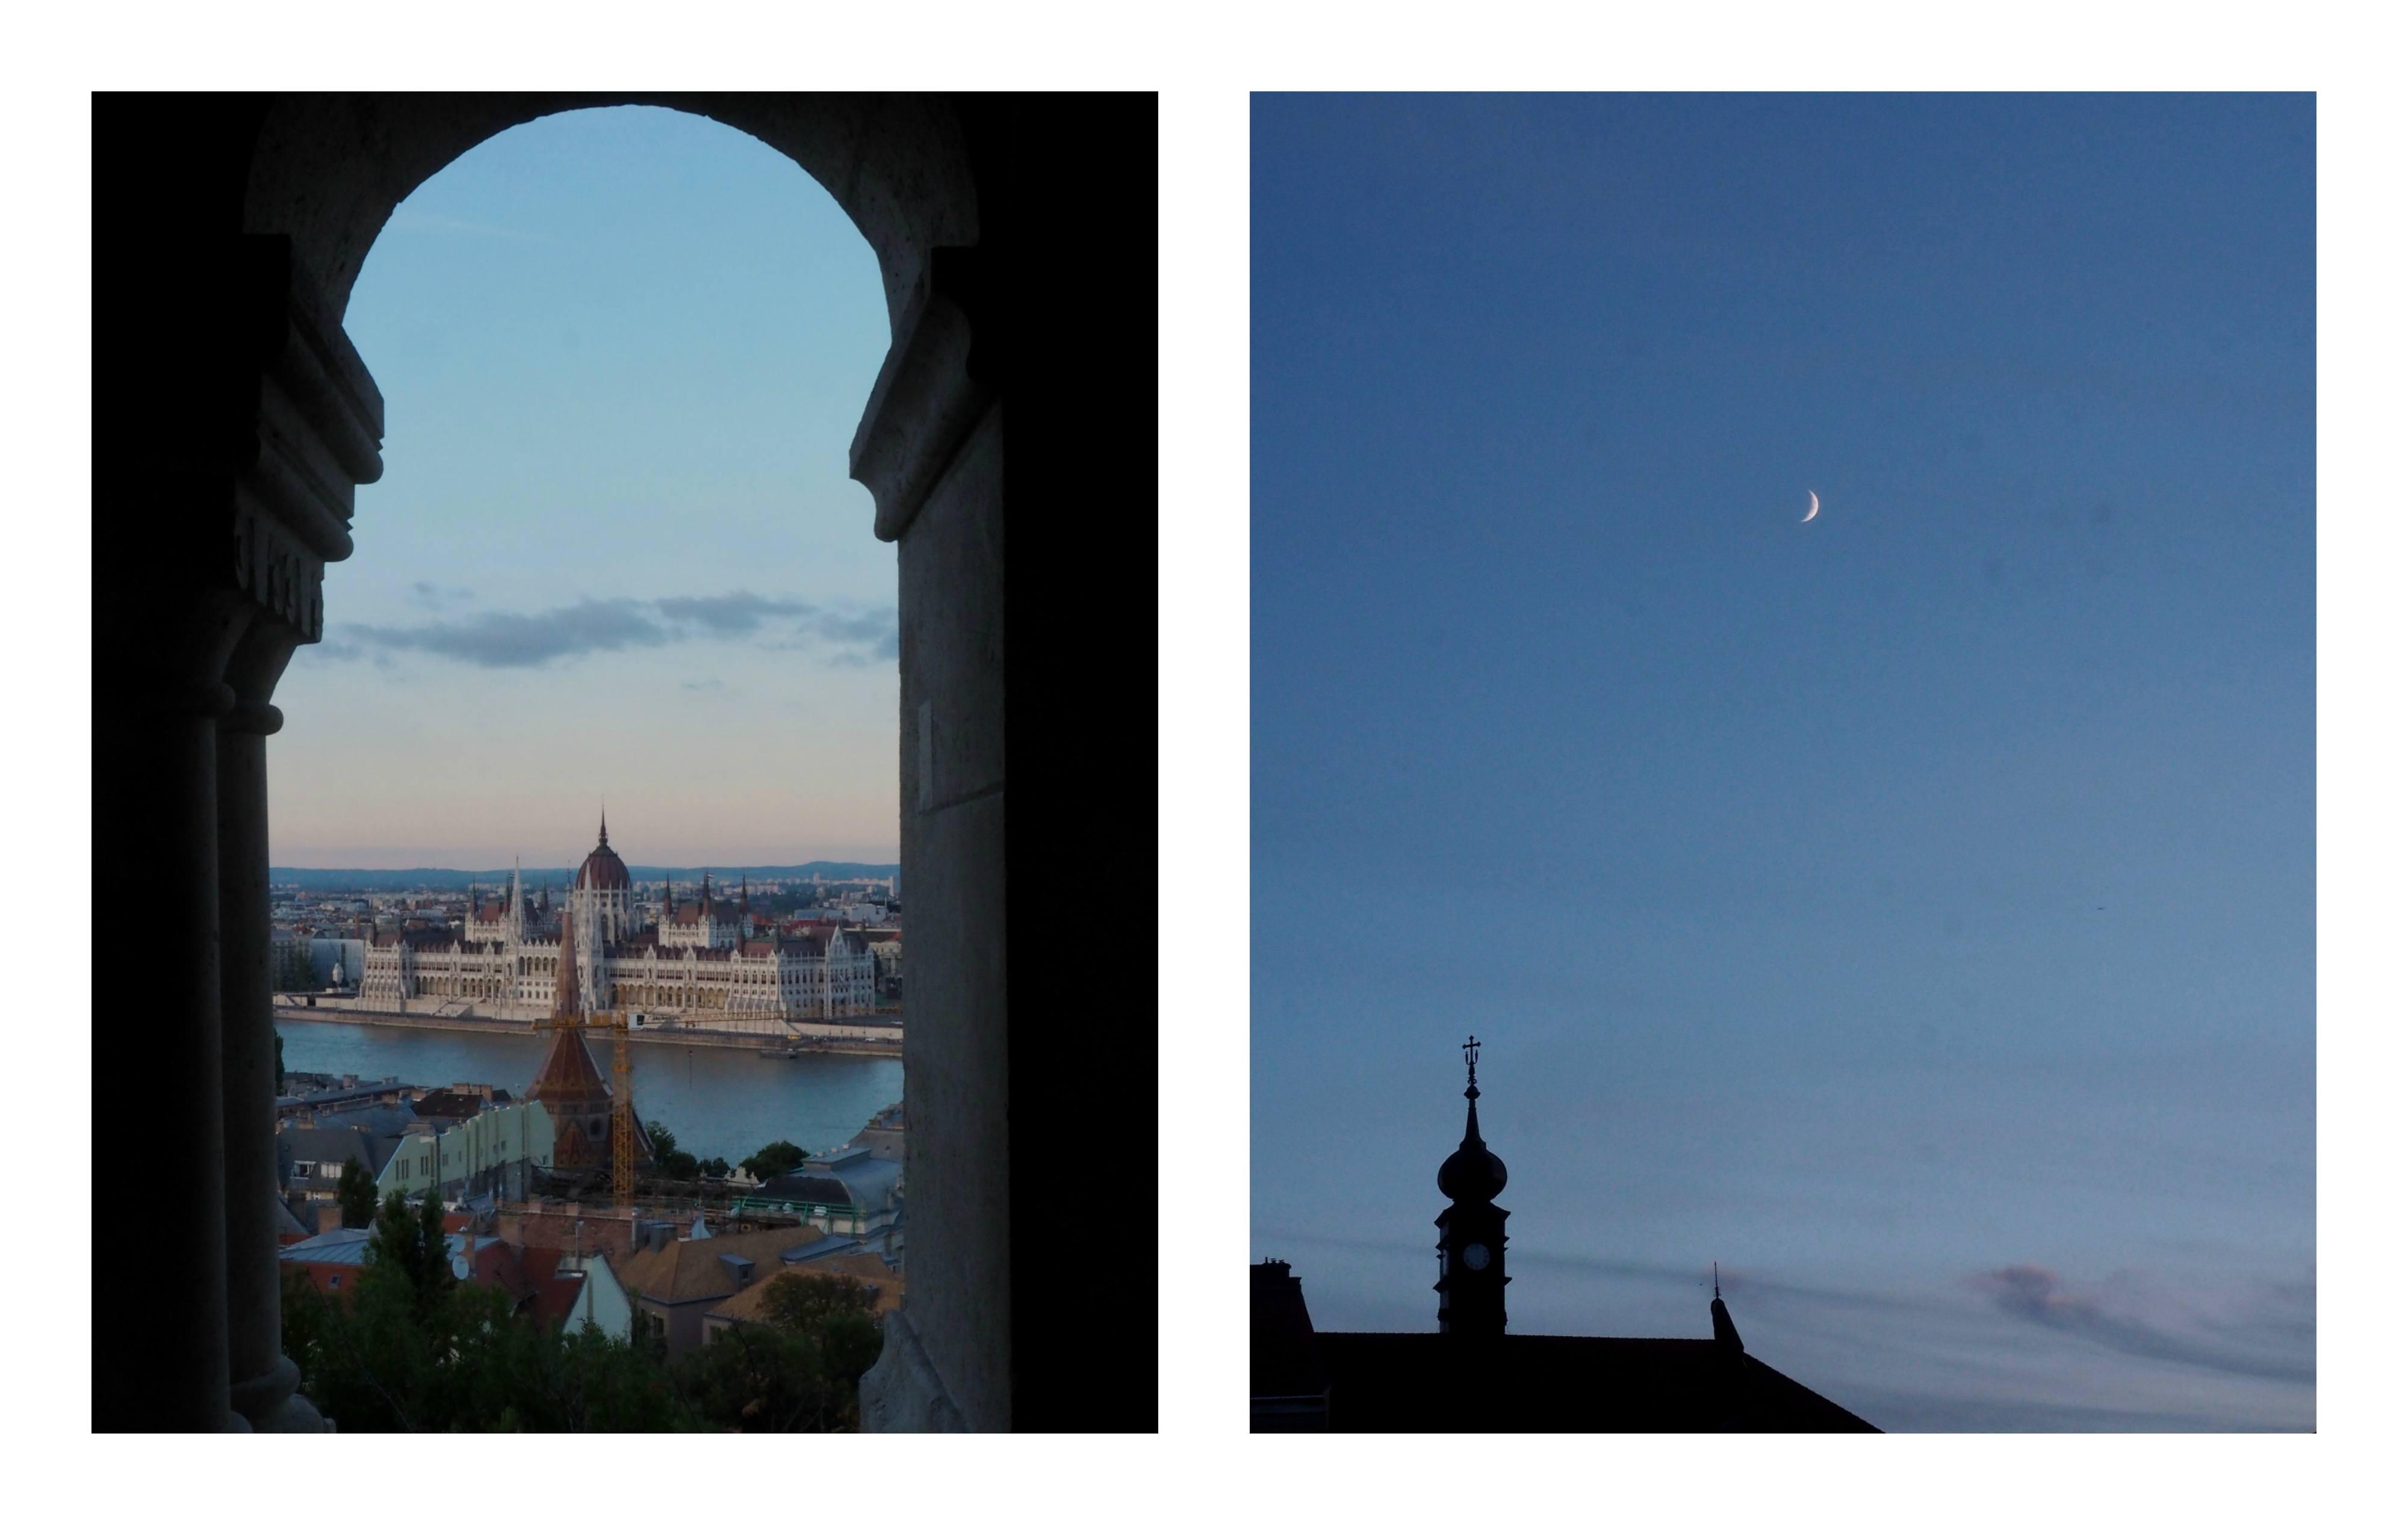 Visite de Budapest en famille, itinéraire sur 5 jours - Bord du Danube - Bastion des Pêcheurs - vue sur Parlement